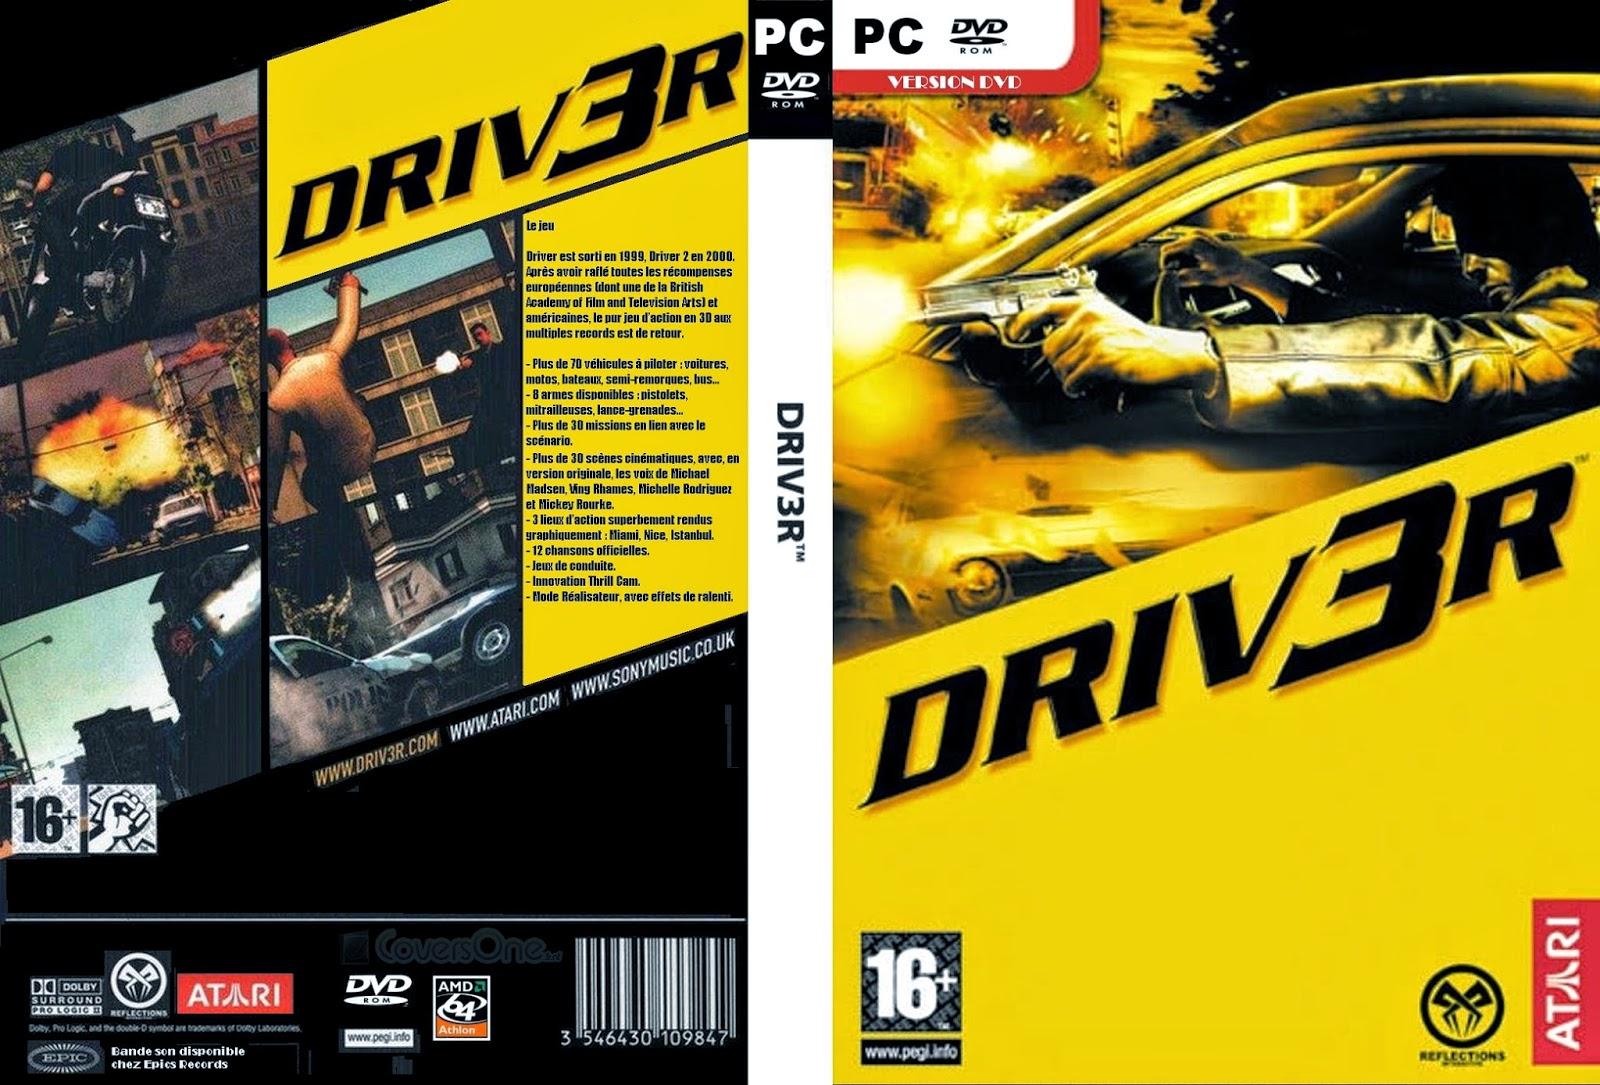 تحميل لعبة 3 Driver برابط واحد وبدون تثبيت